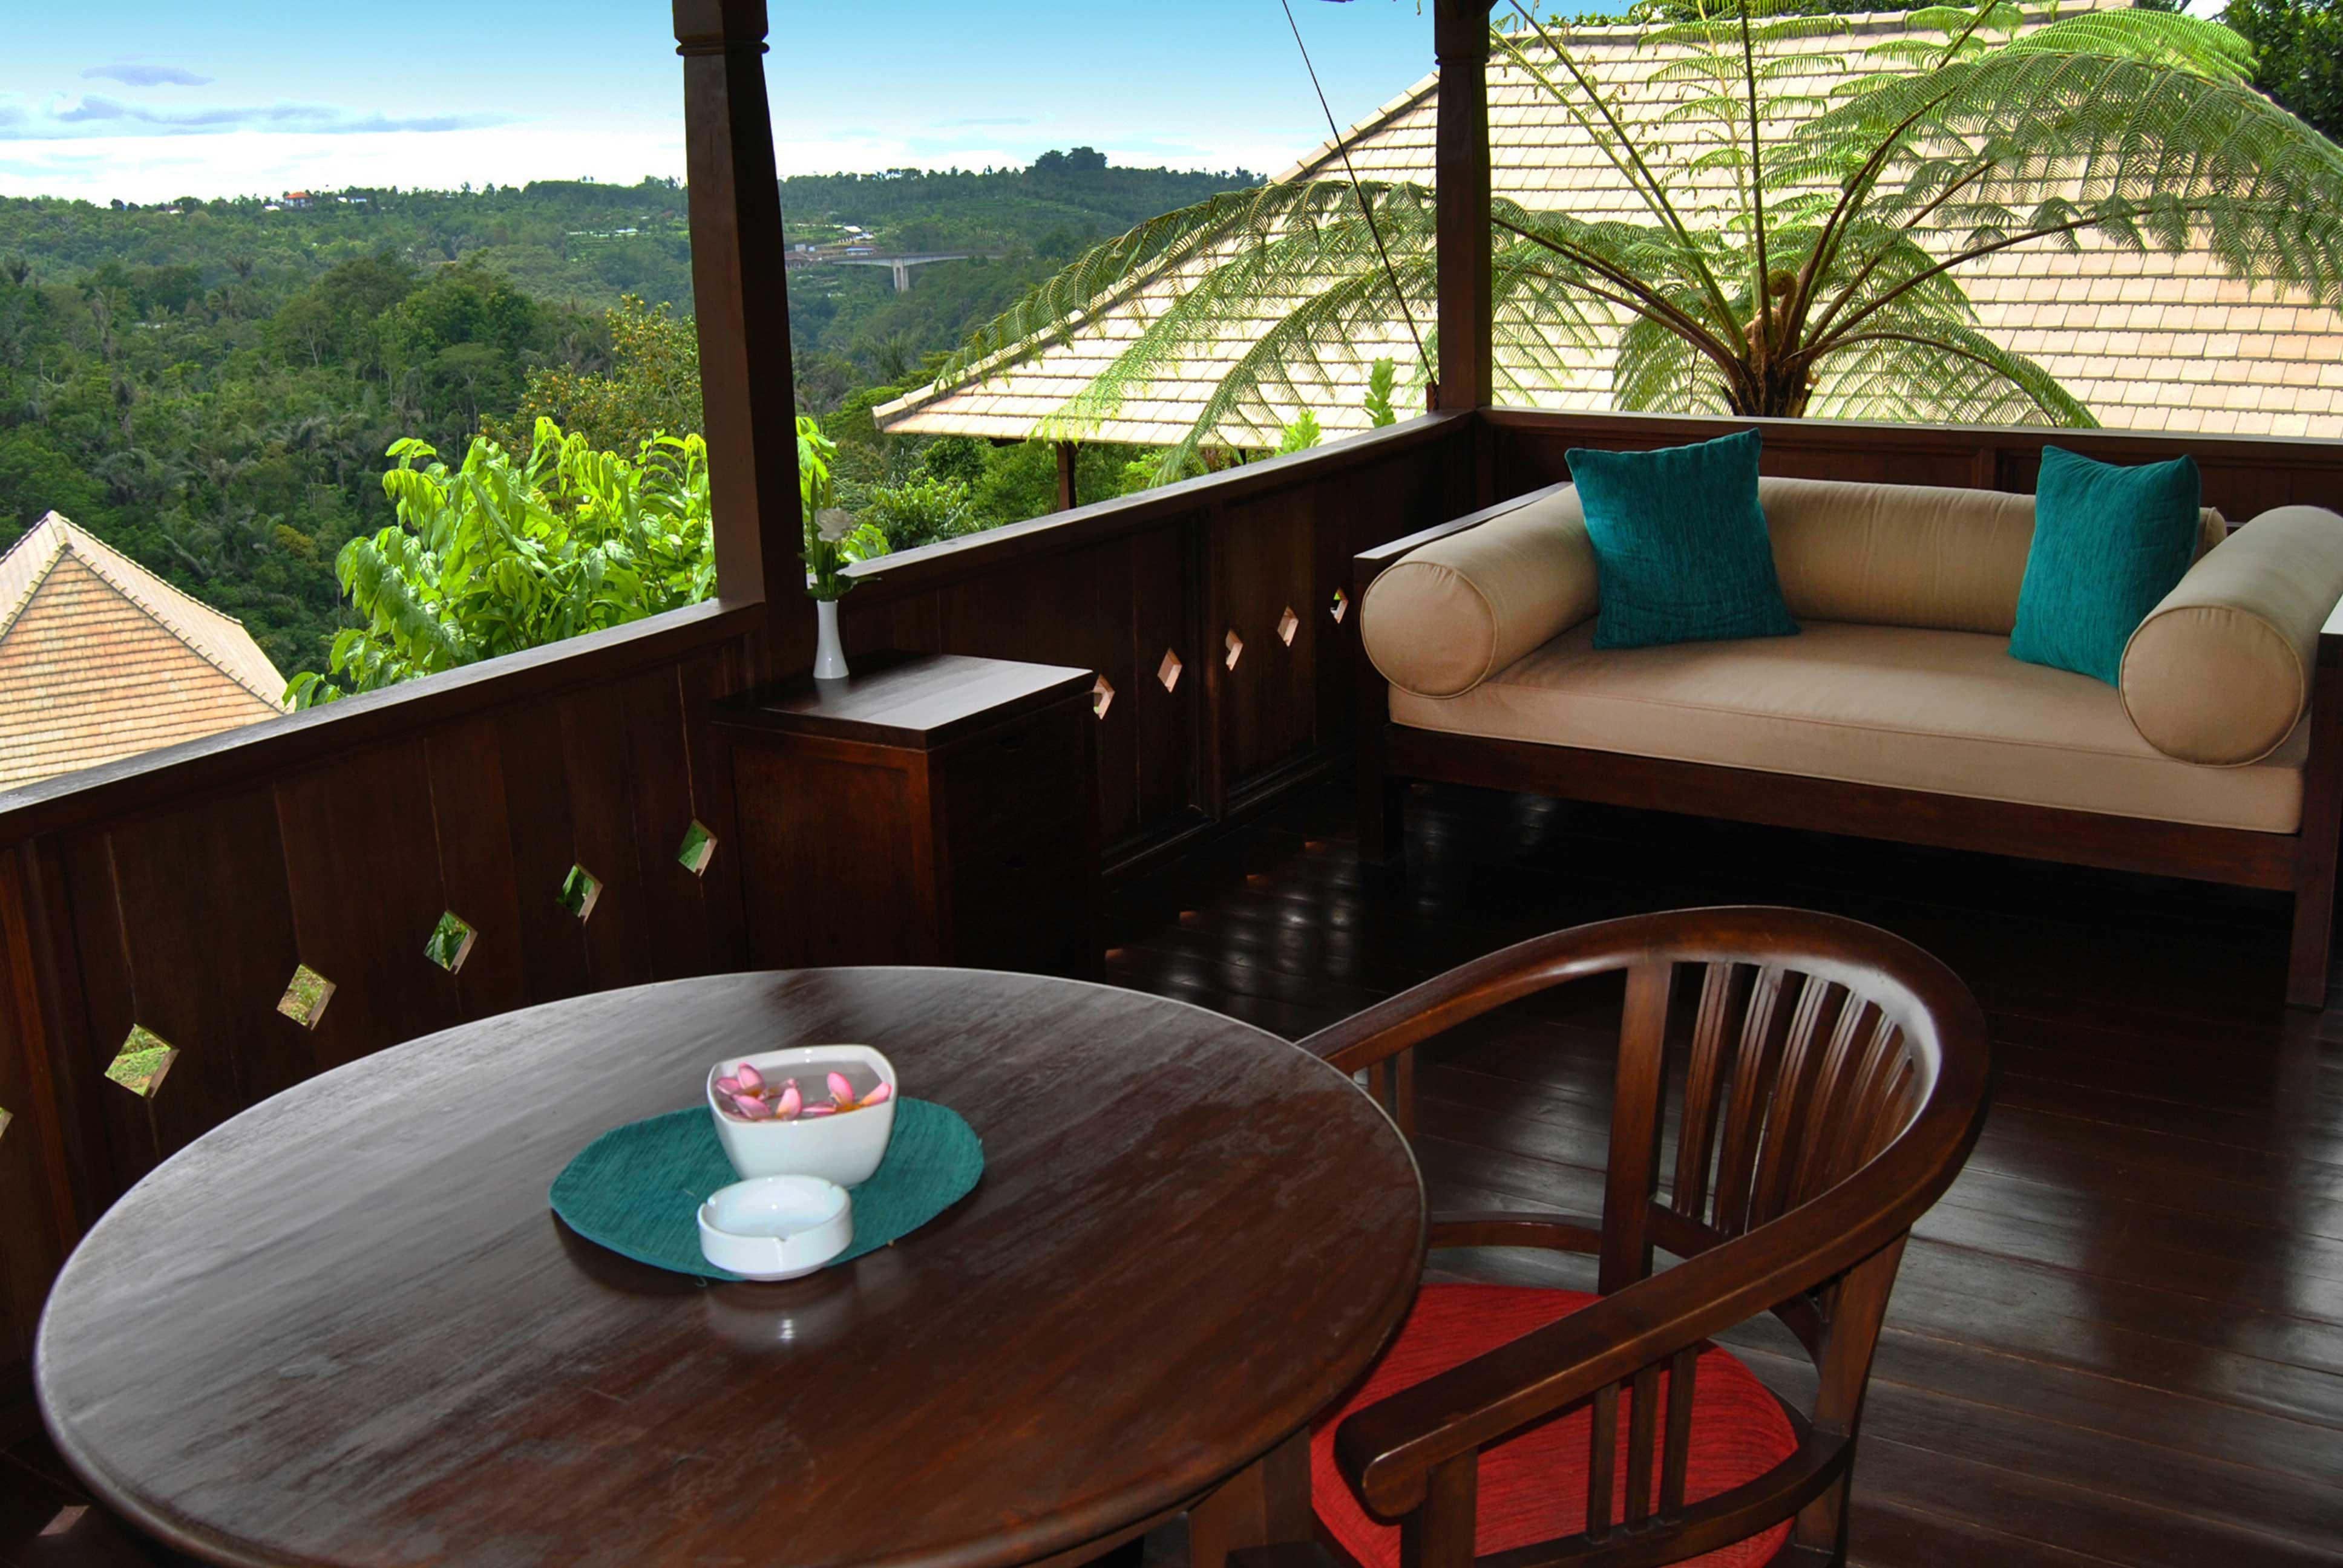 Luxury Farm Villa's balcony and seatings